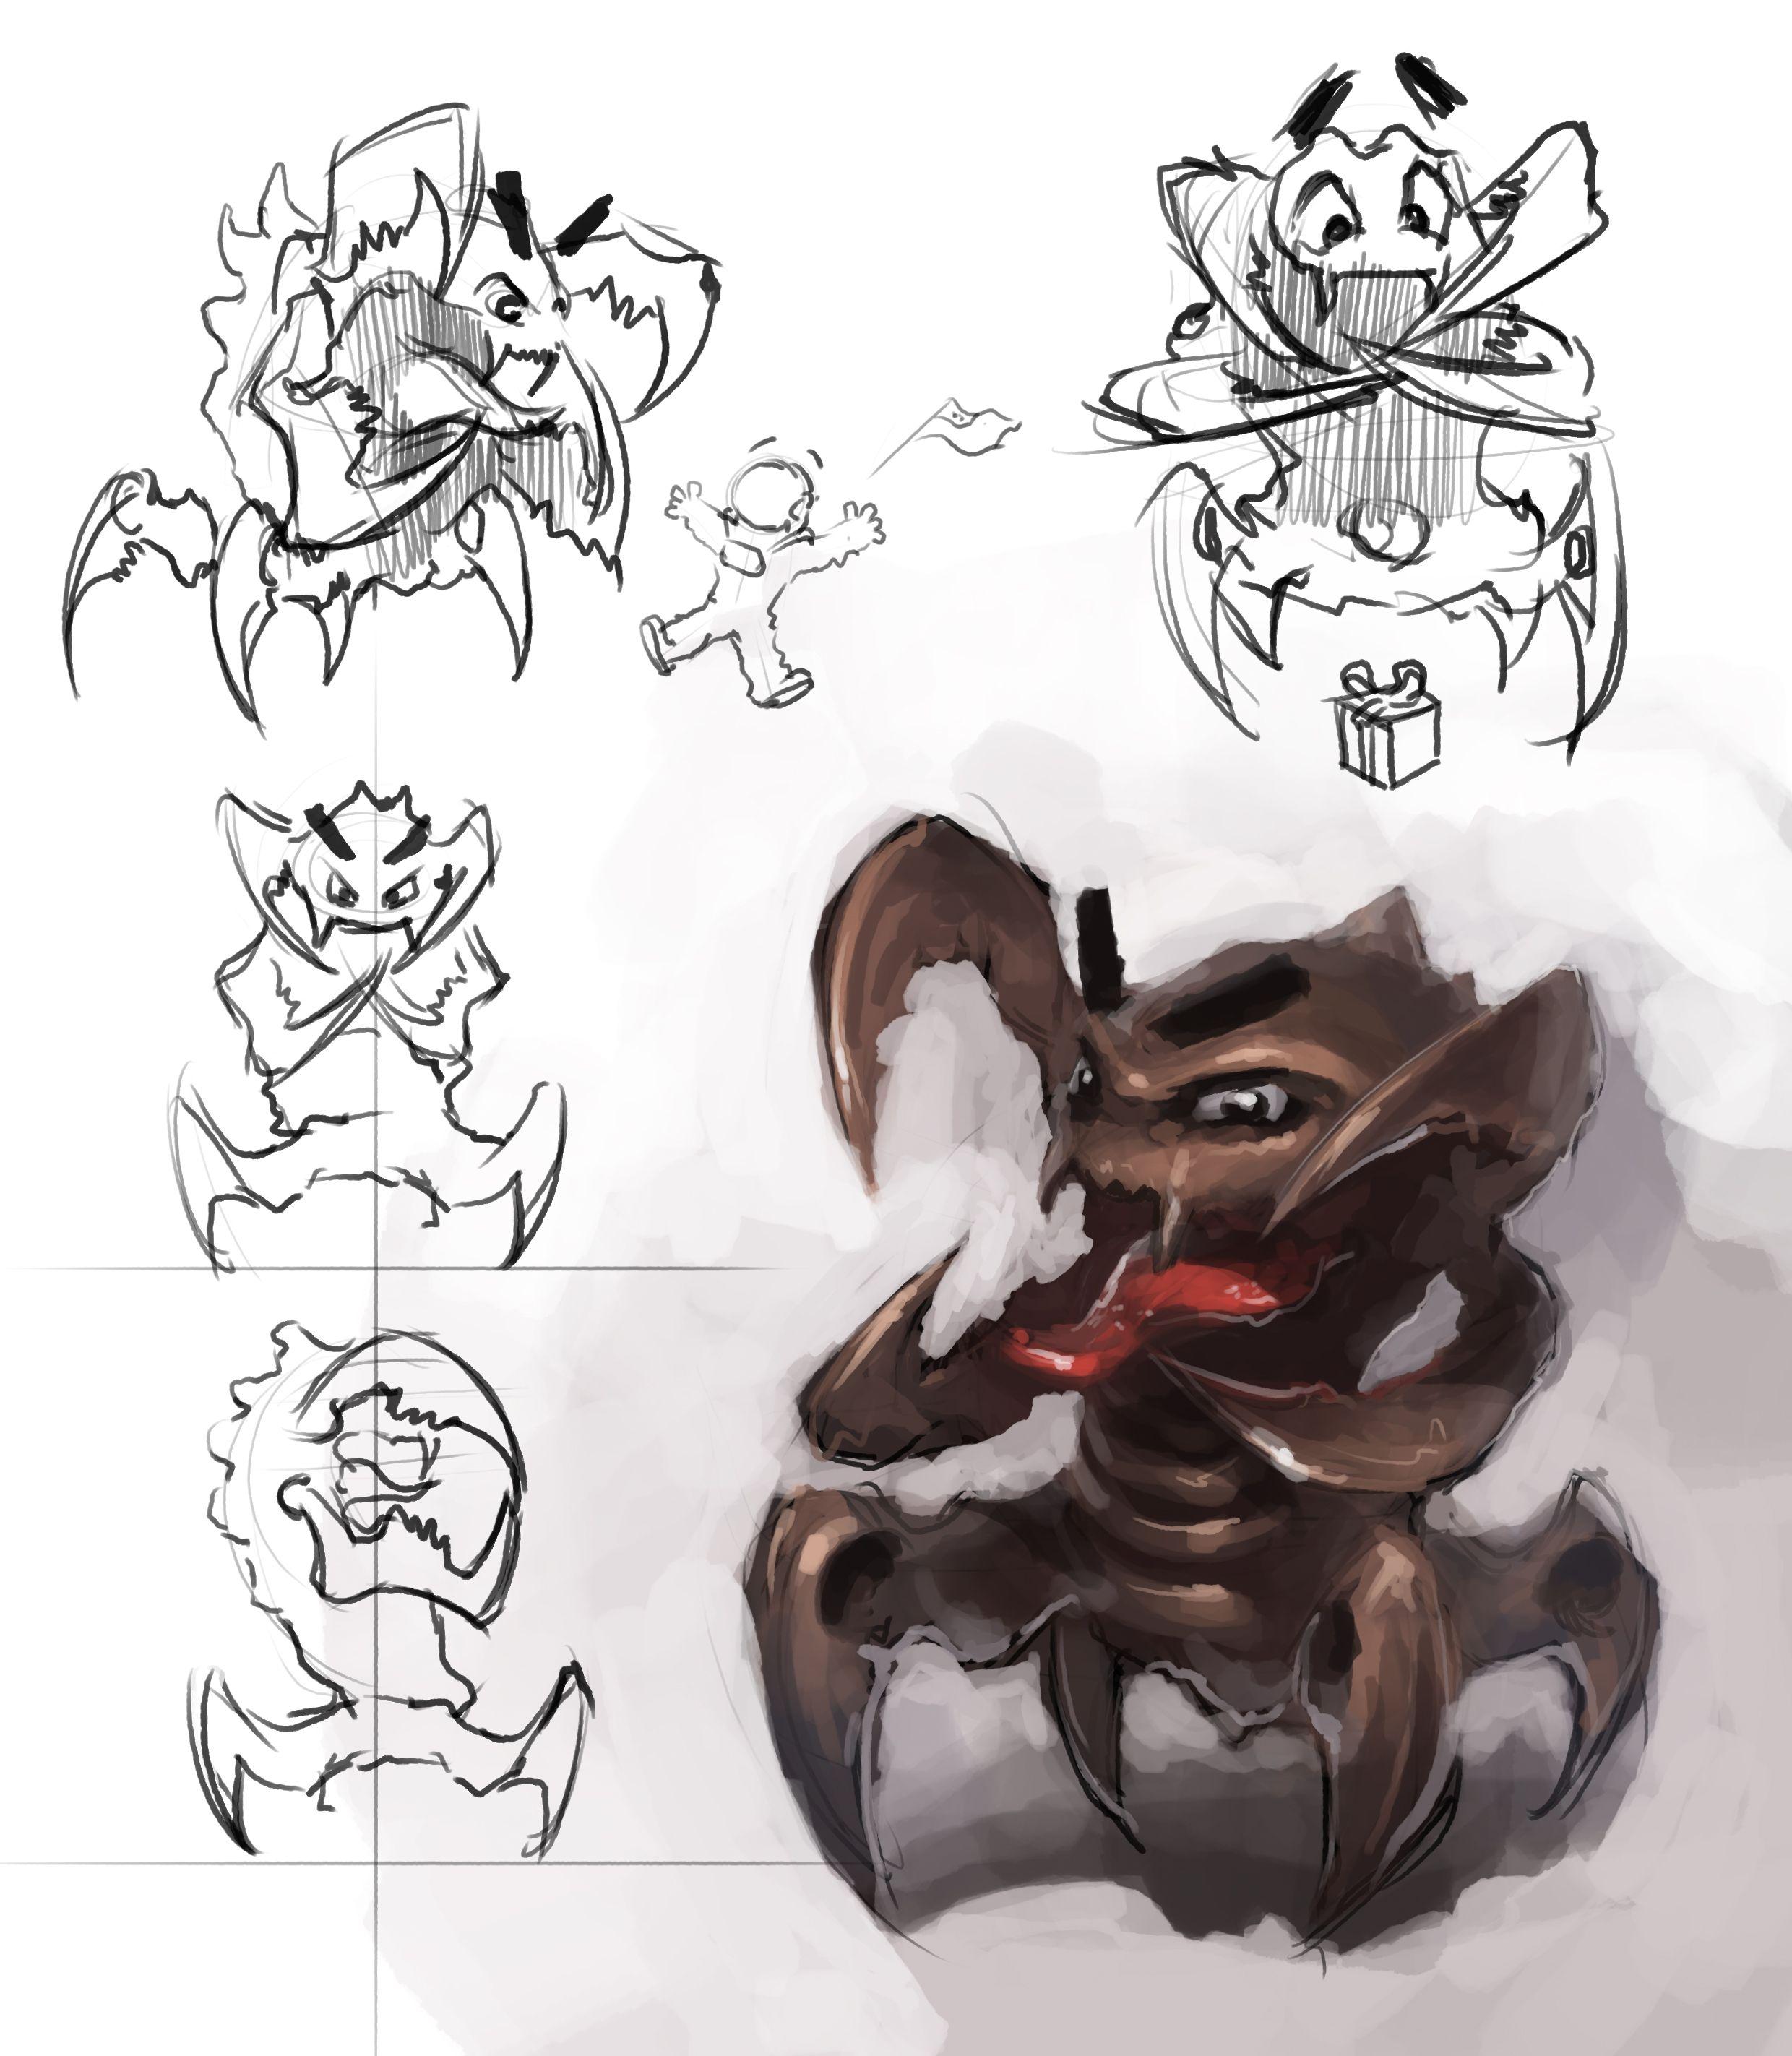 Нужен скетч персонажа для игры - дизайнер Peredvignik